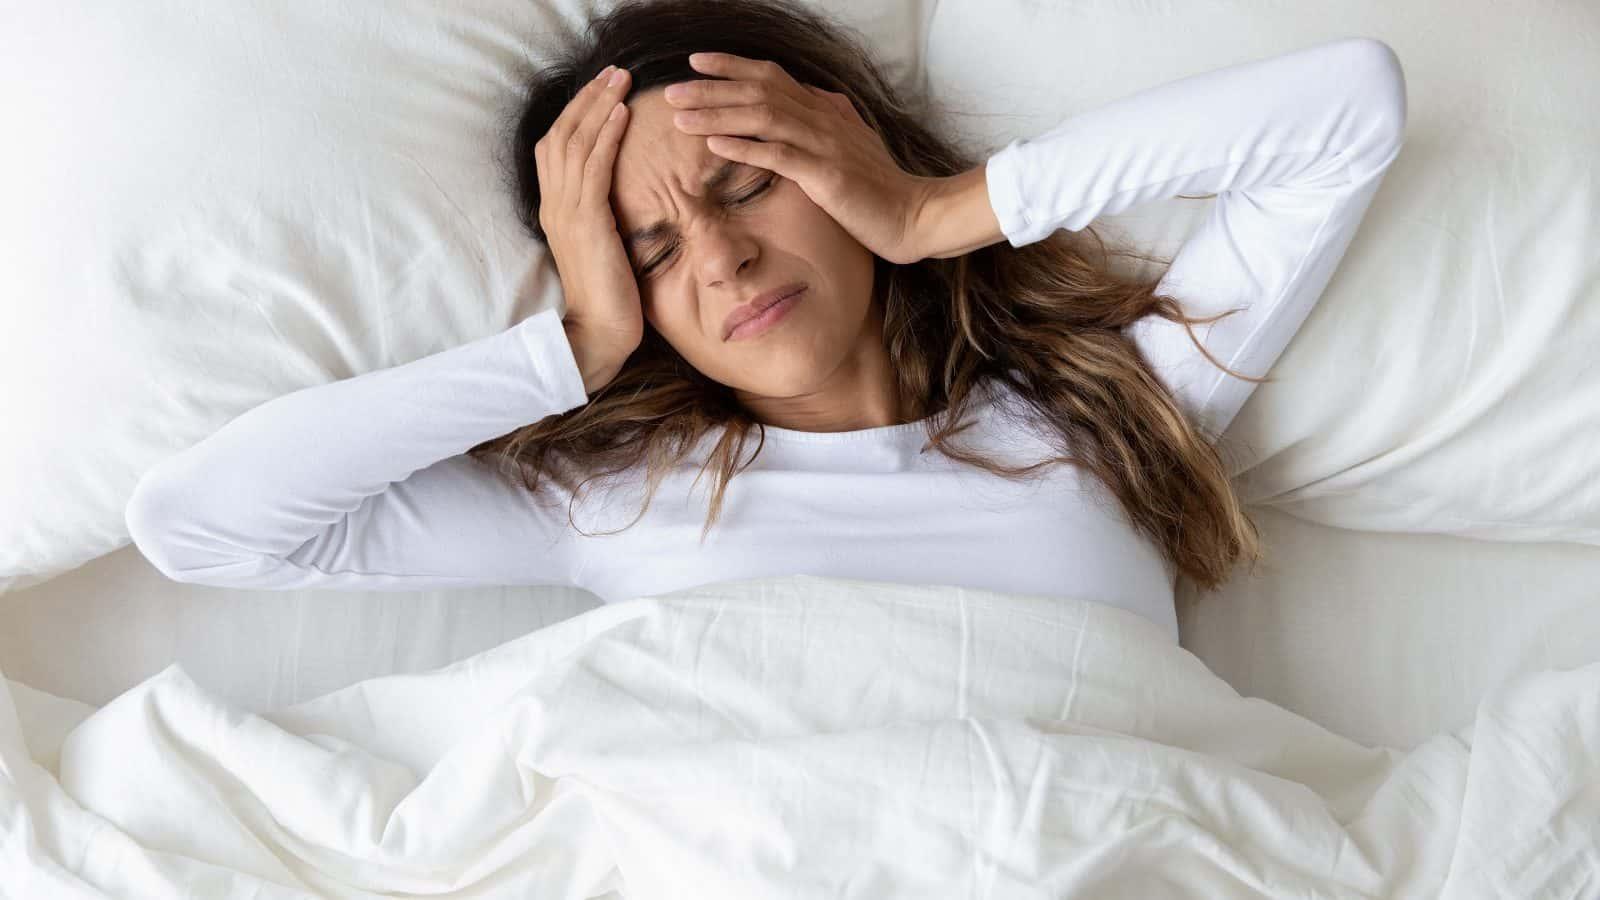 起床时常头痛?当心身体发出的8个警示